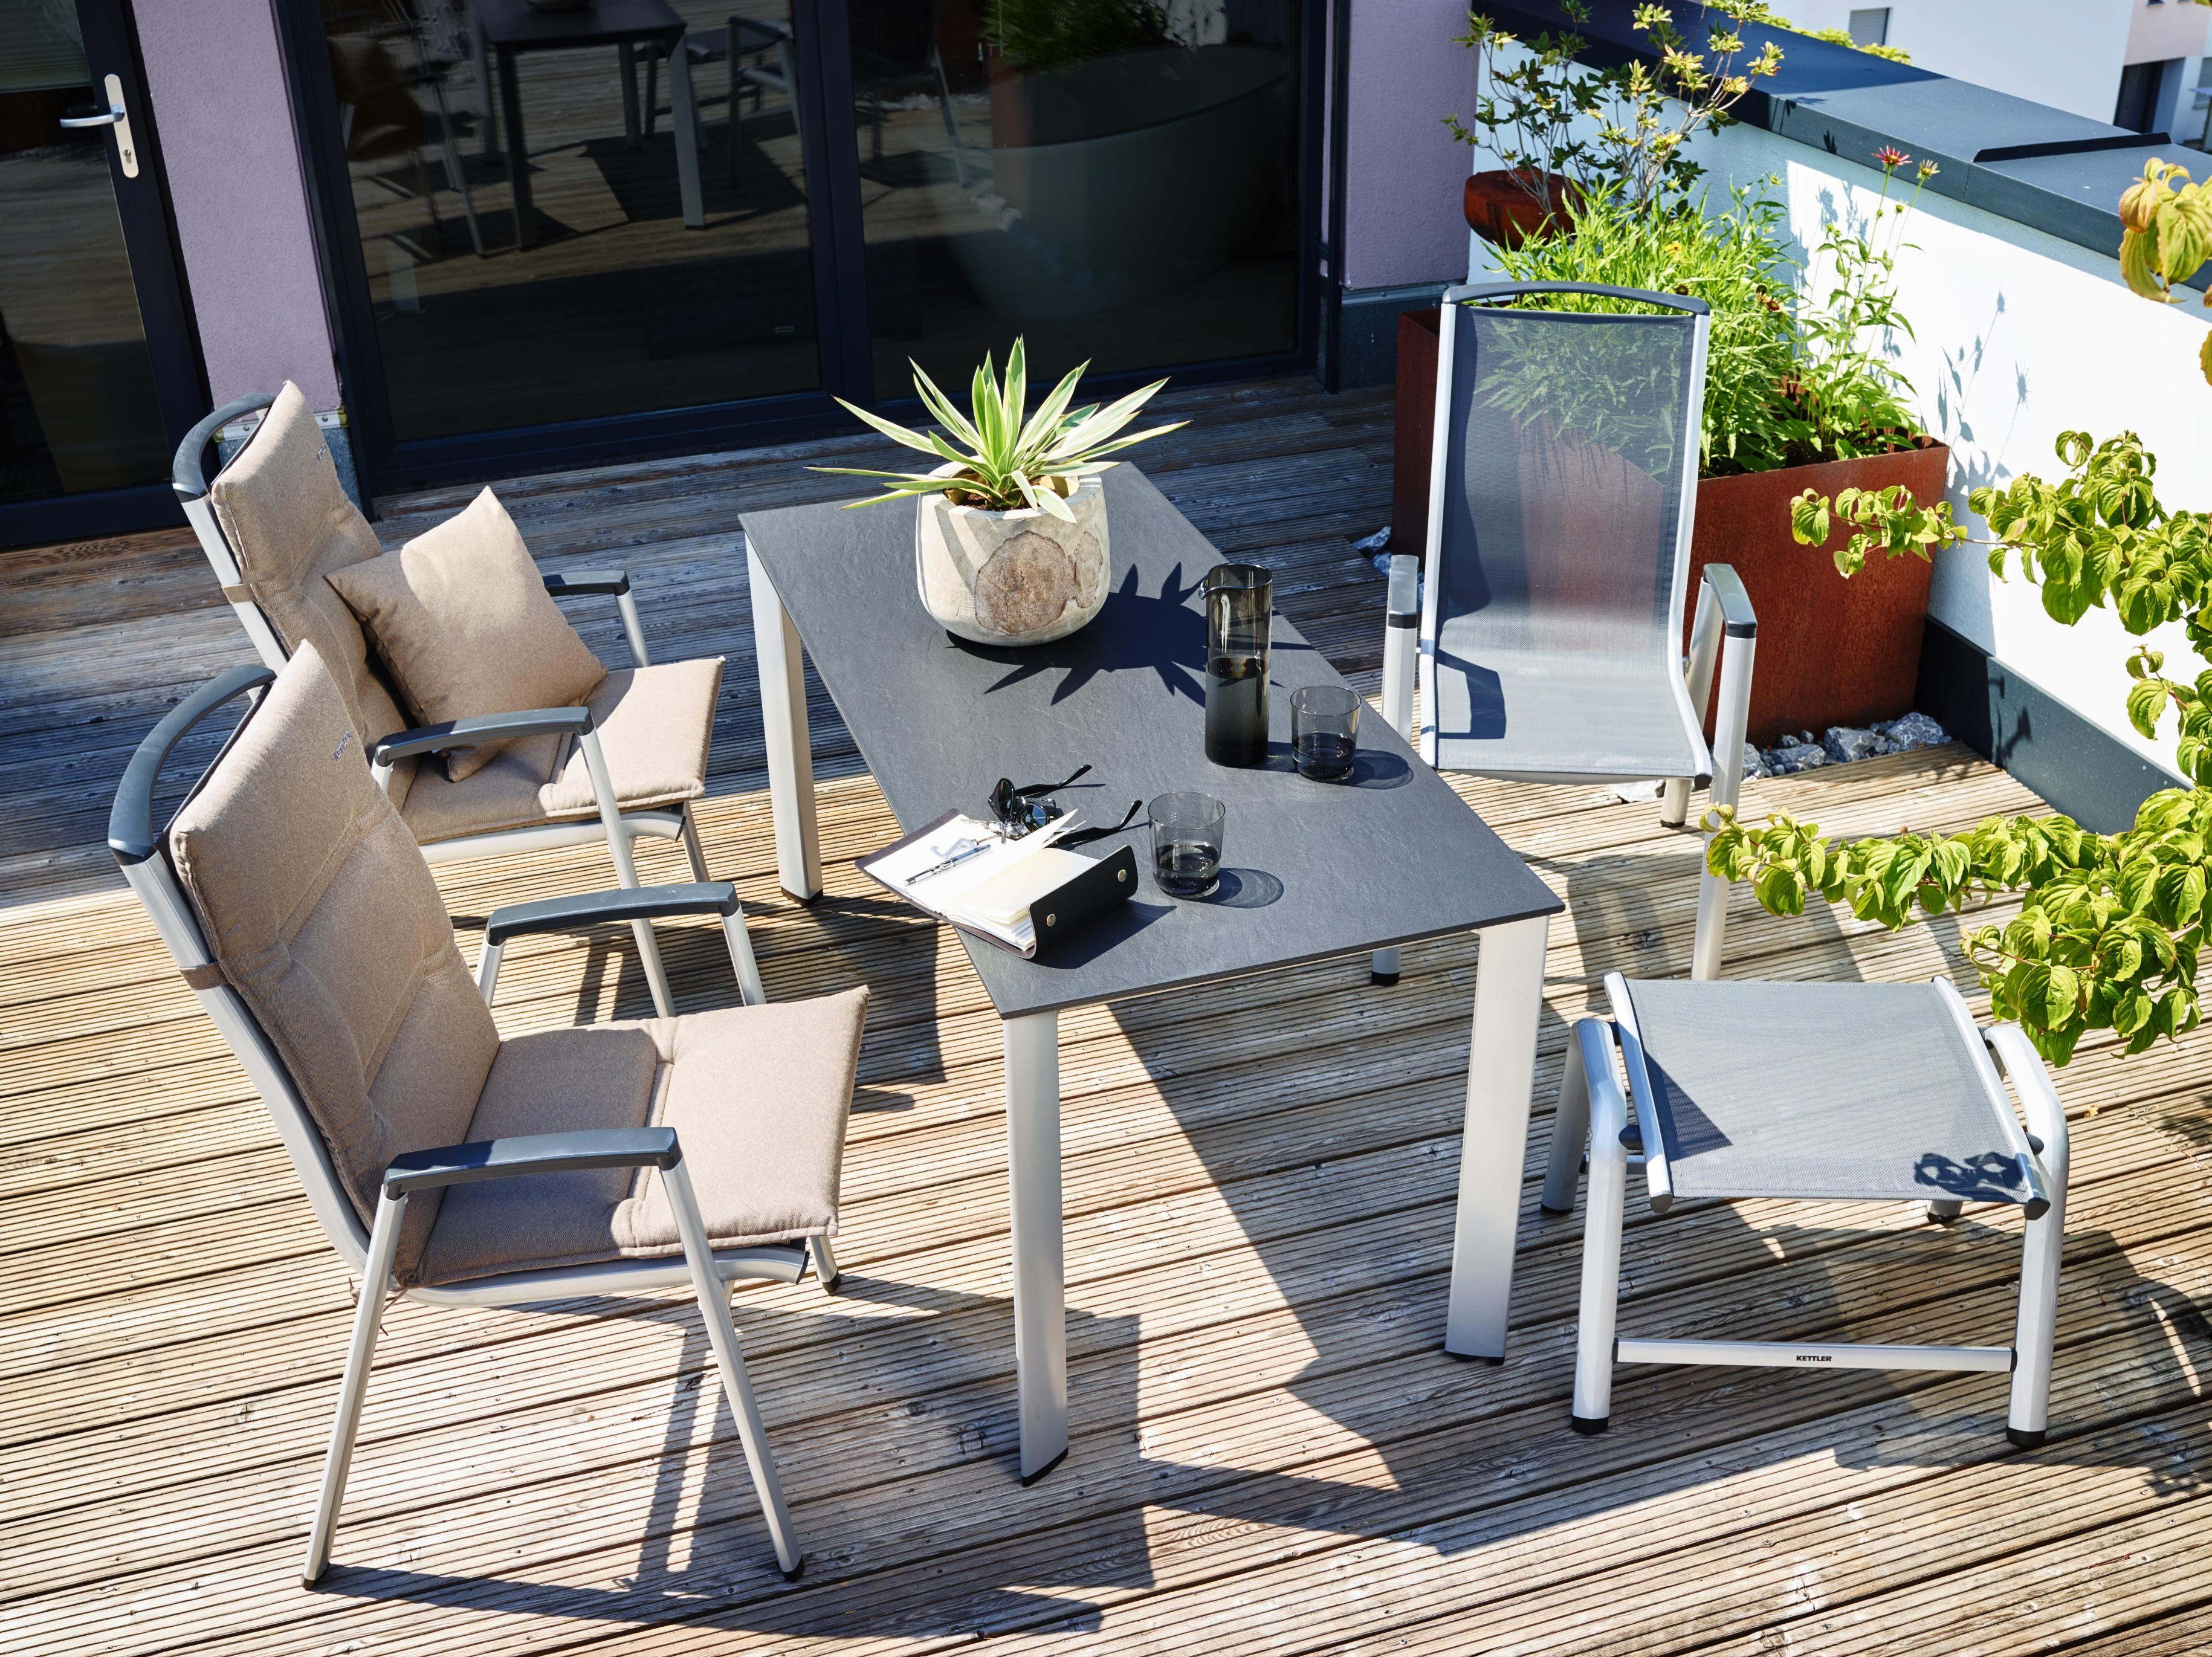 Moderne Sitzgruppe für den Garten Gartenmöbel, Terassenideen